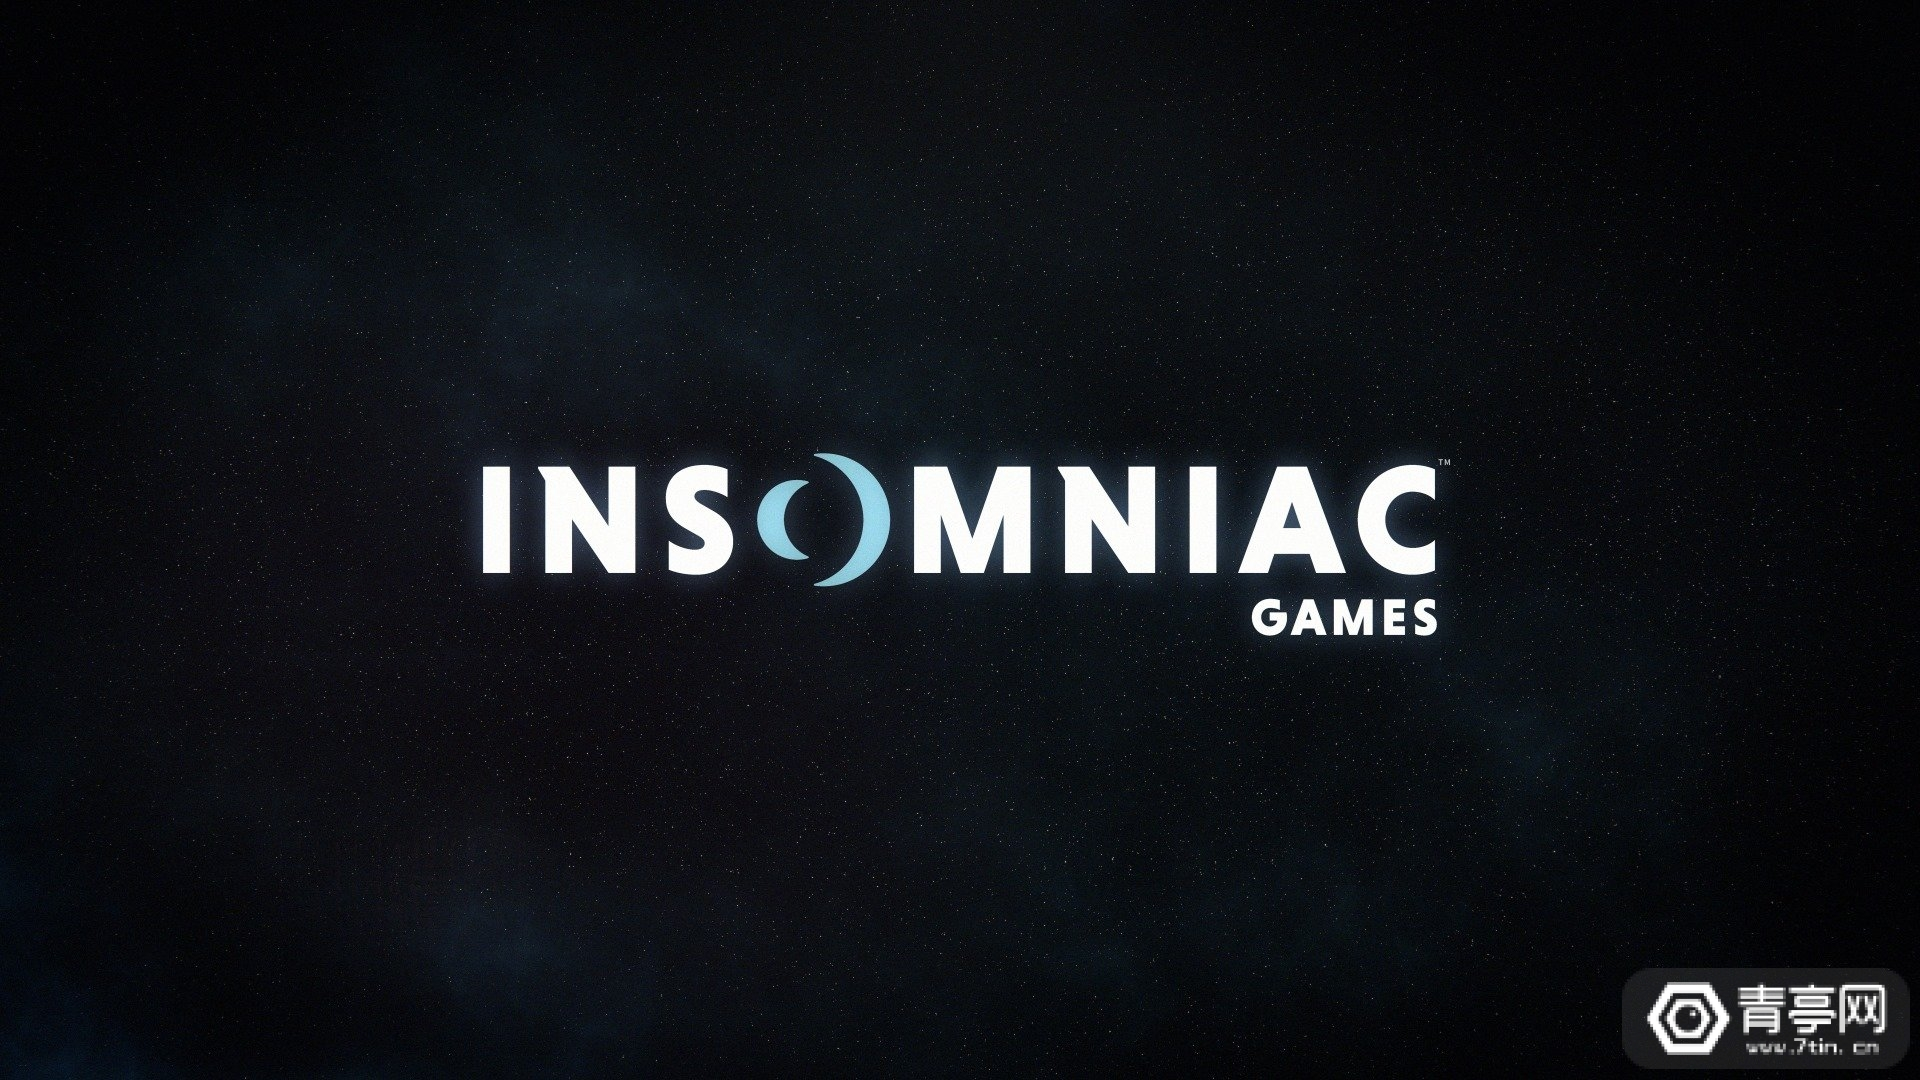 索尼收购Insomniac Games金额曝光 仅2.3亿美元